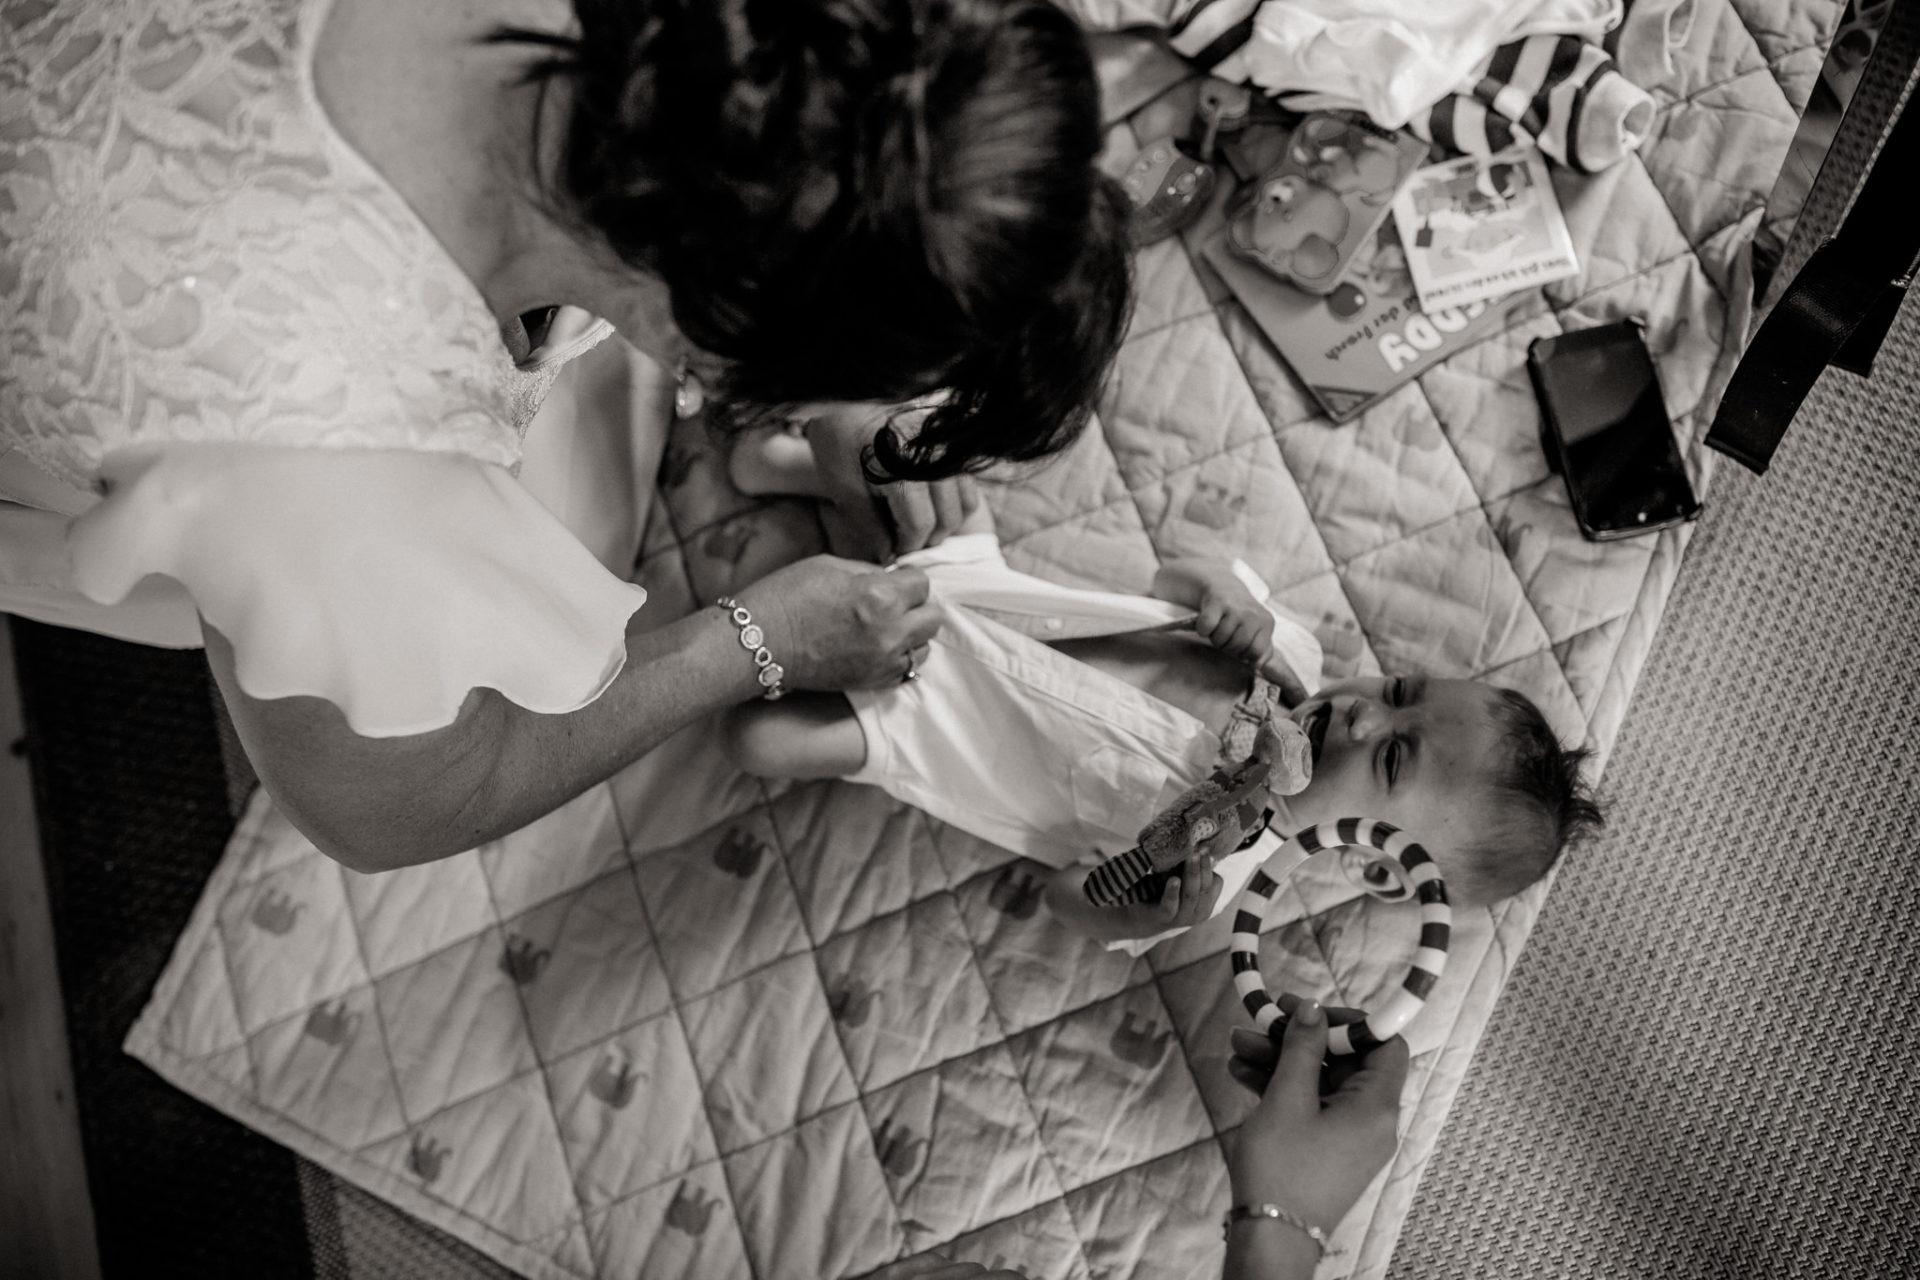 hochzeitsfotograf schloss heinsheim-elegant heiraten-Schafstall Heinsheim-Natürliche Portraits-Umgestellte Hochzeitsbilder-braut getting ready-brautjungfern